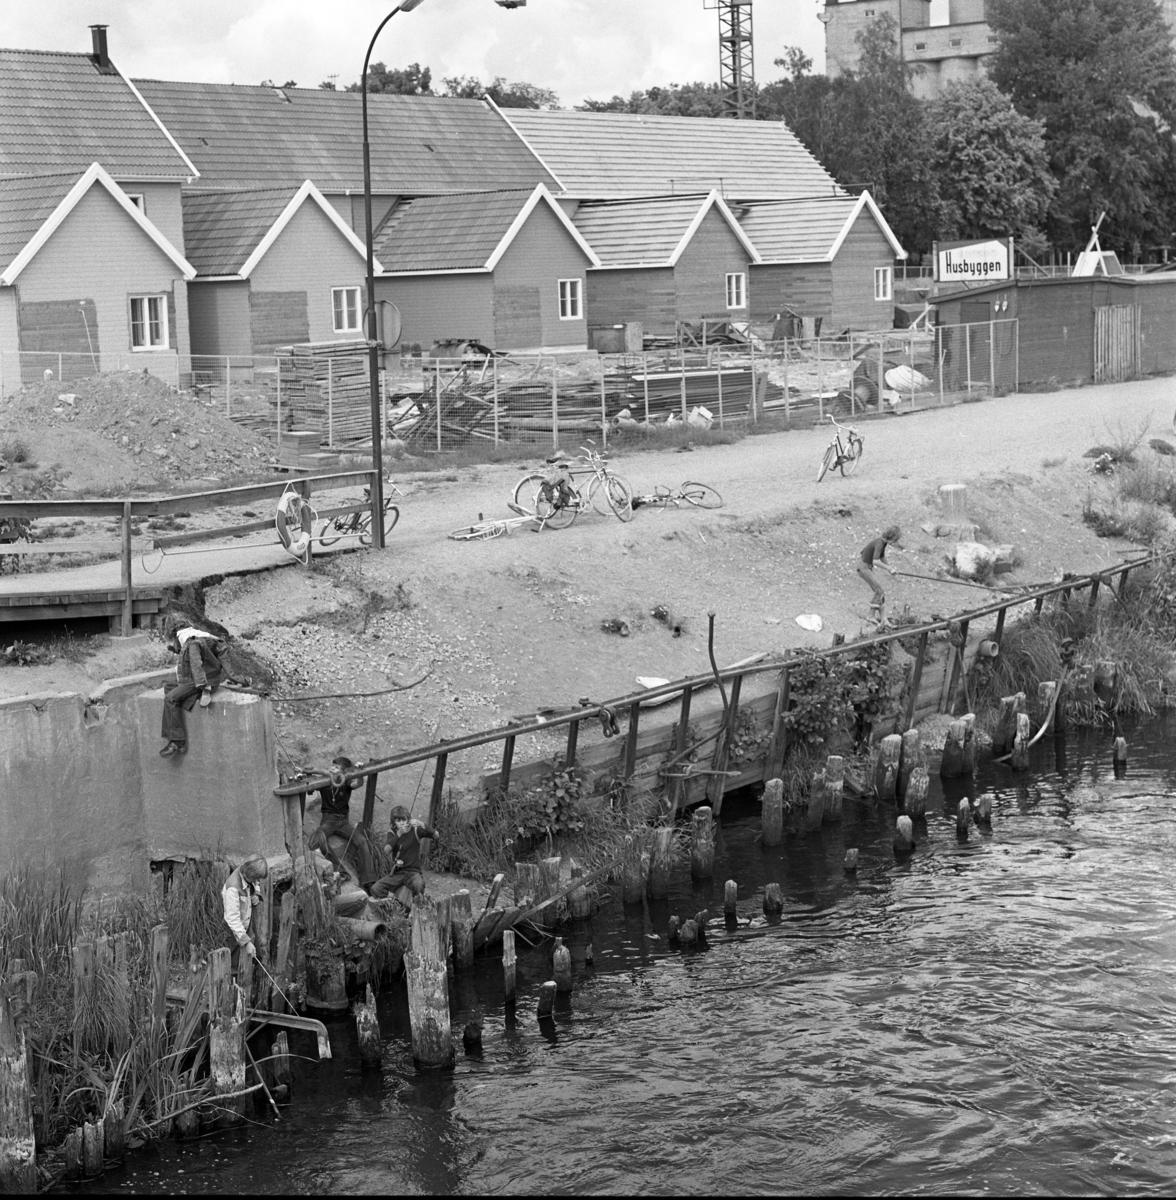 """Nybygge i kvarteret Herrgården, nordost om Herrgårdsbron. Adressen är Östra Hamngatan. Parhusen under byggnation. Det står """"Husbyggen"""" på en skylt. Några pojkar metar i Arbogaån. I bakgrunden, till höger, ses Lantmännens silo."""